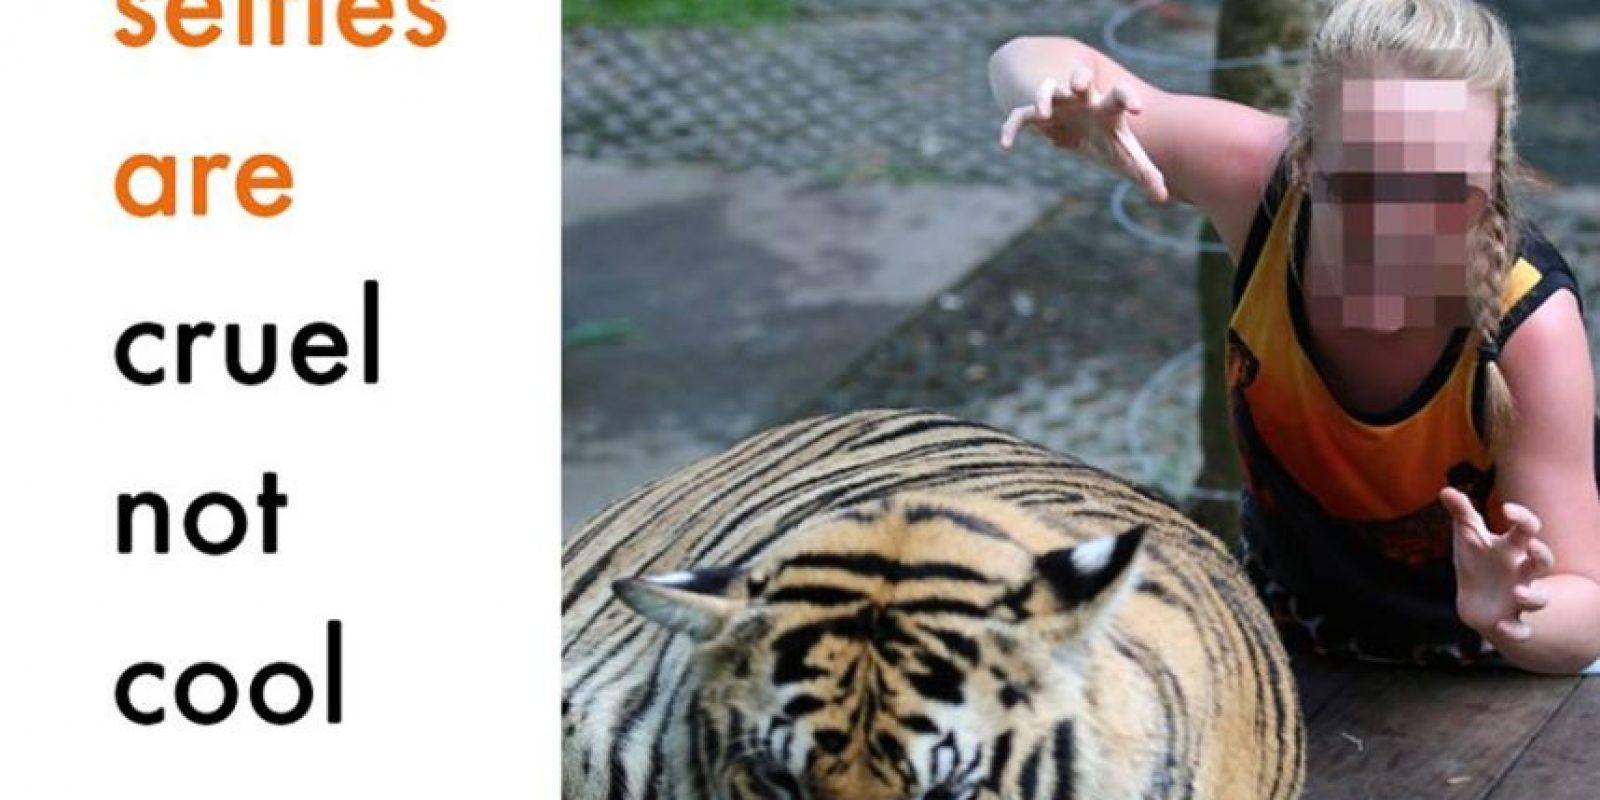 Estas imágenes representan una vida llena de crueldad para el animal Foto:Facebook/World Animal Protection